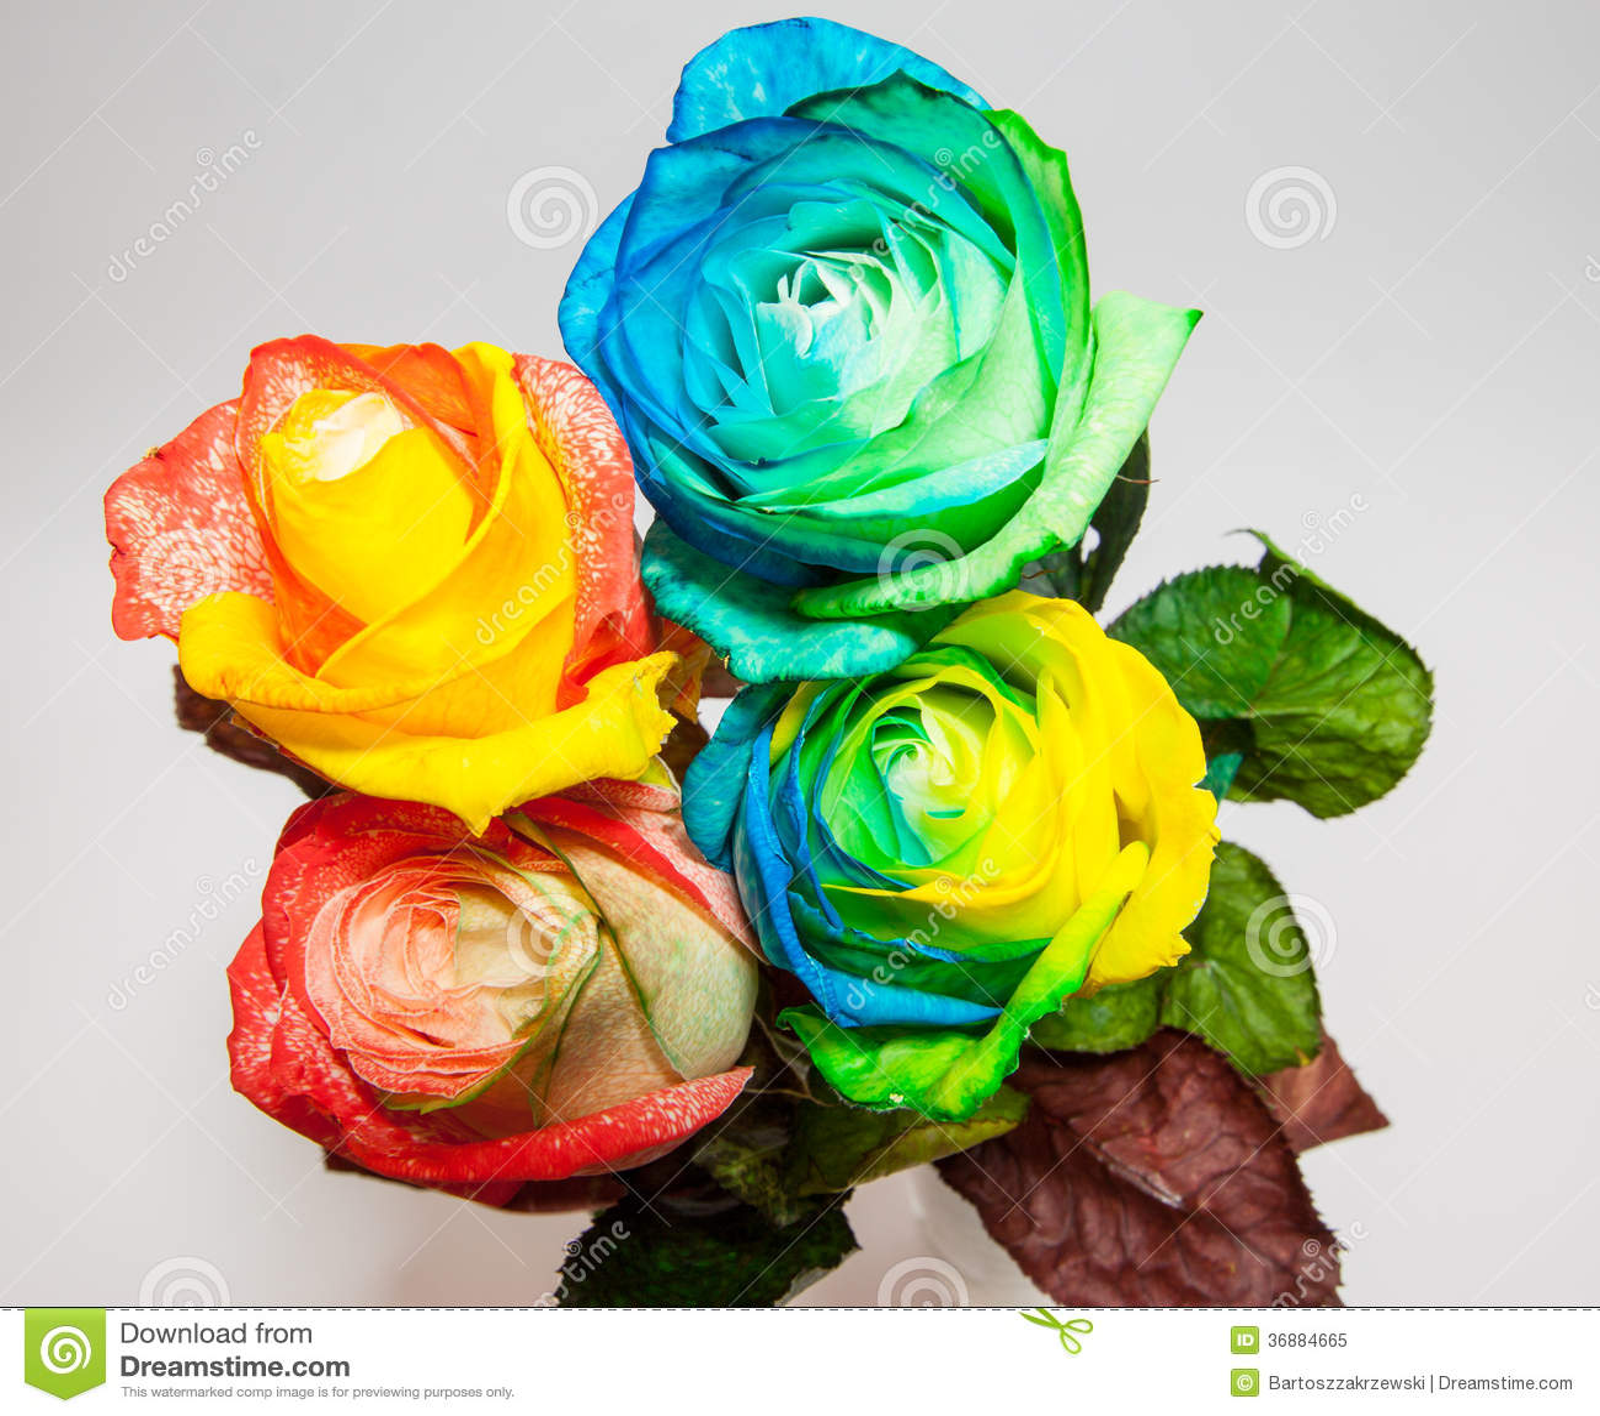 Download Rosa in molti colori immagine stock. Immagine di colorful - 36884665